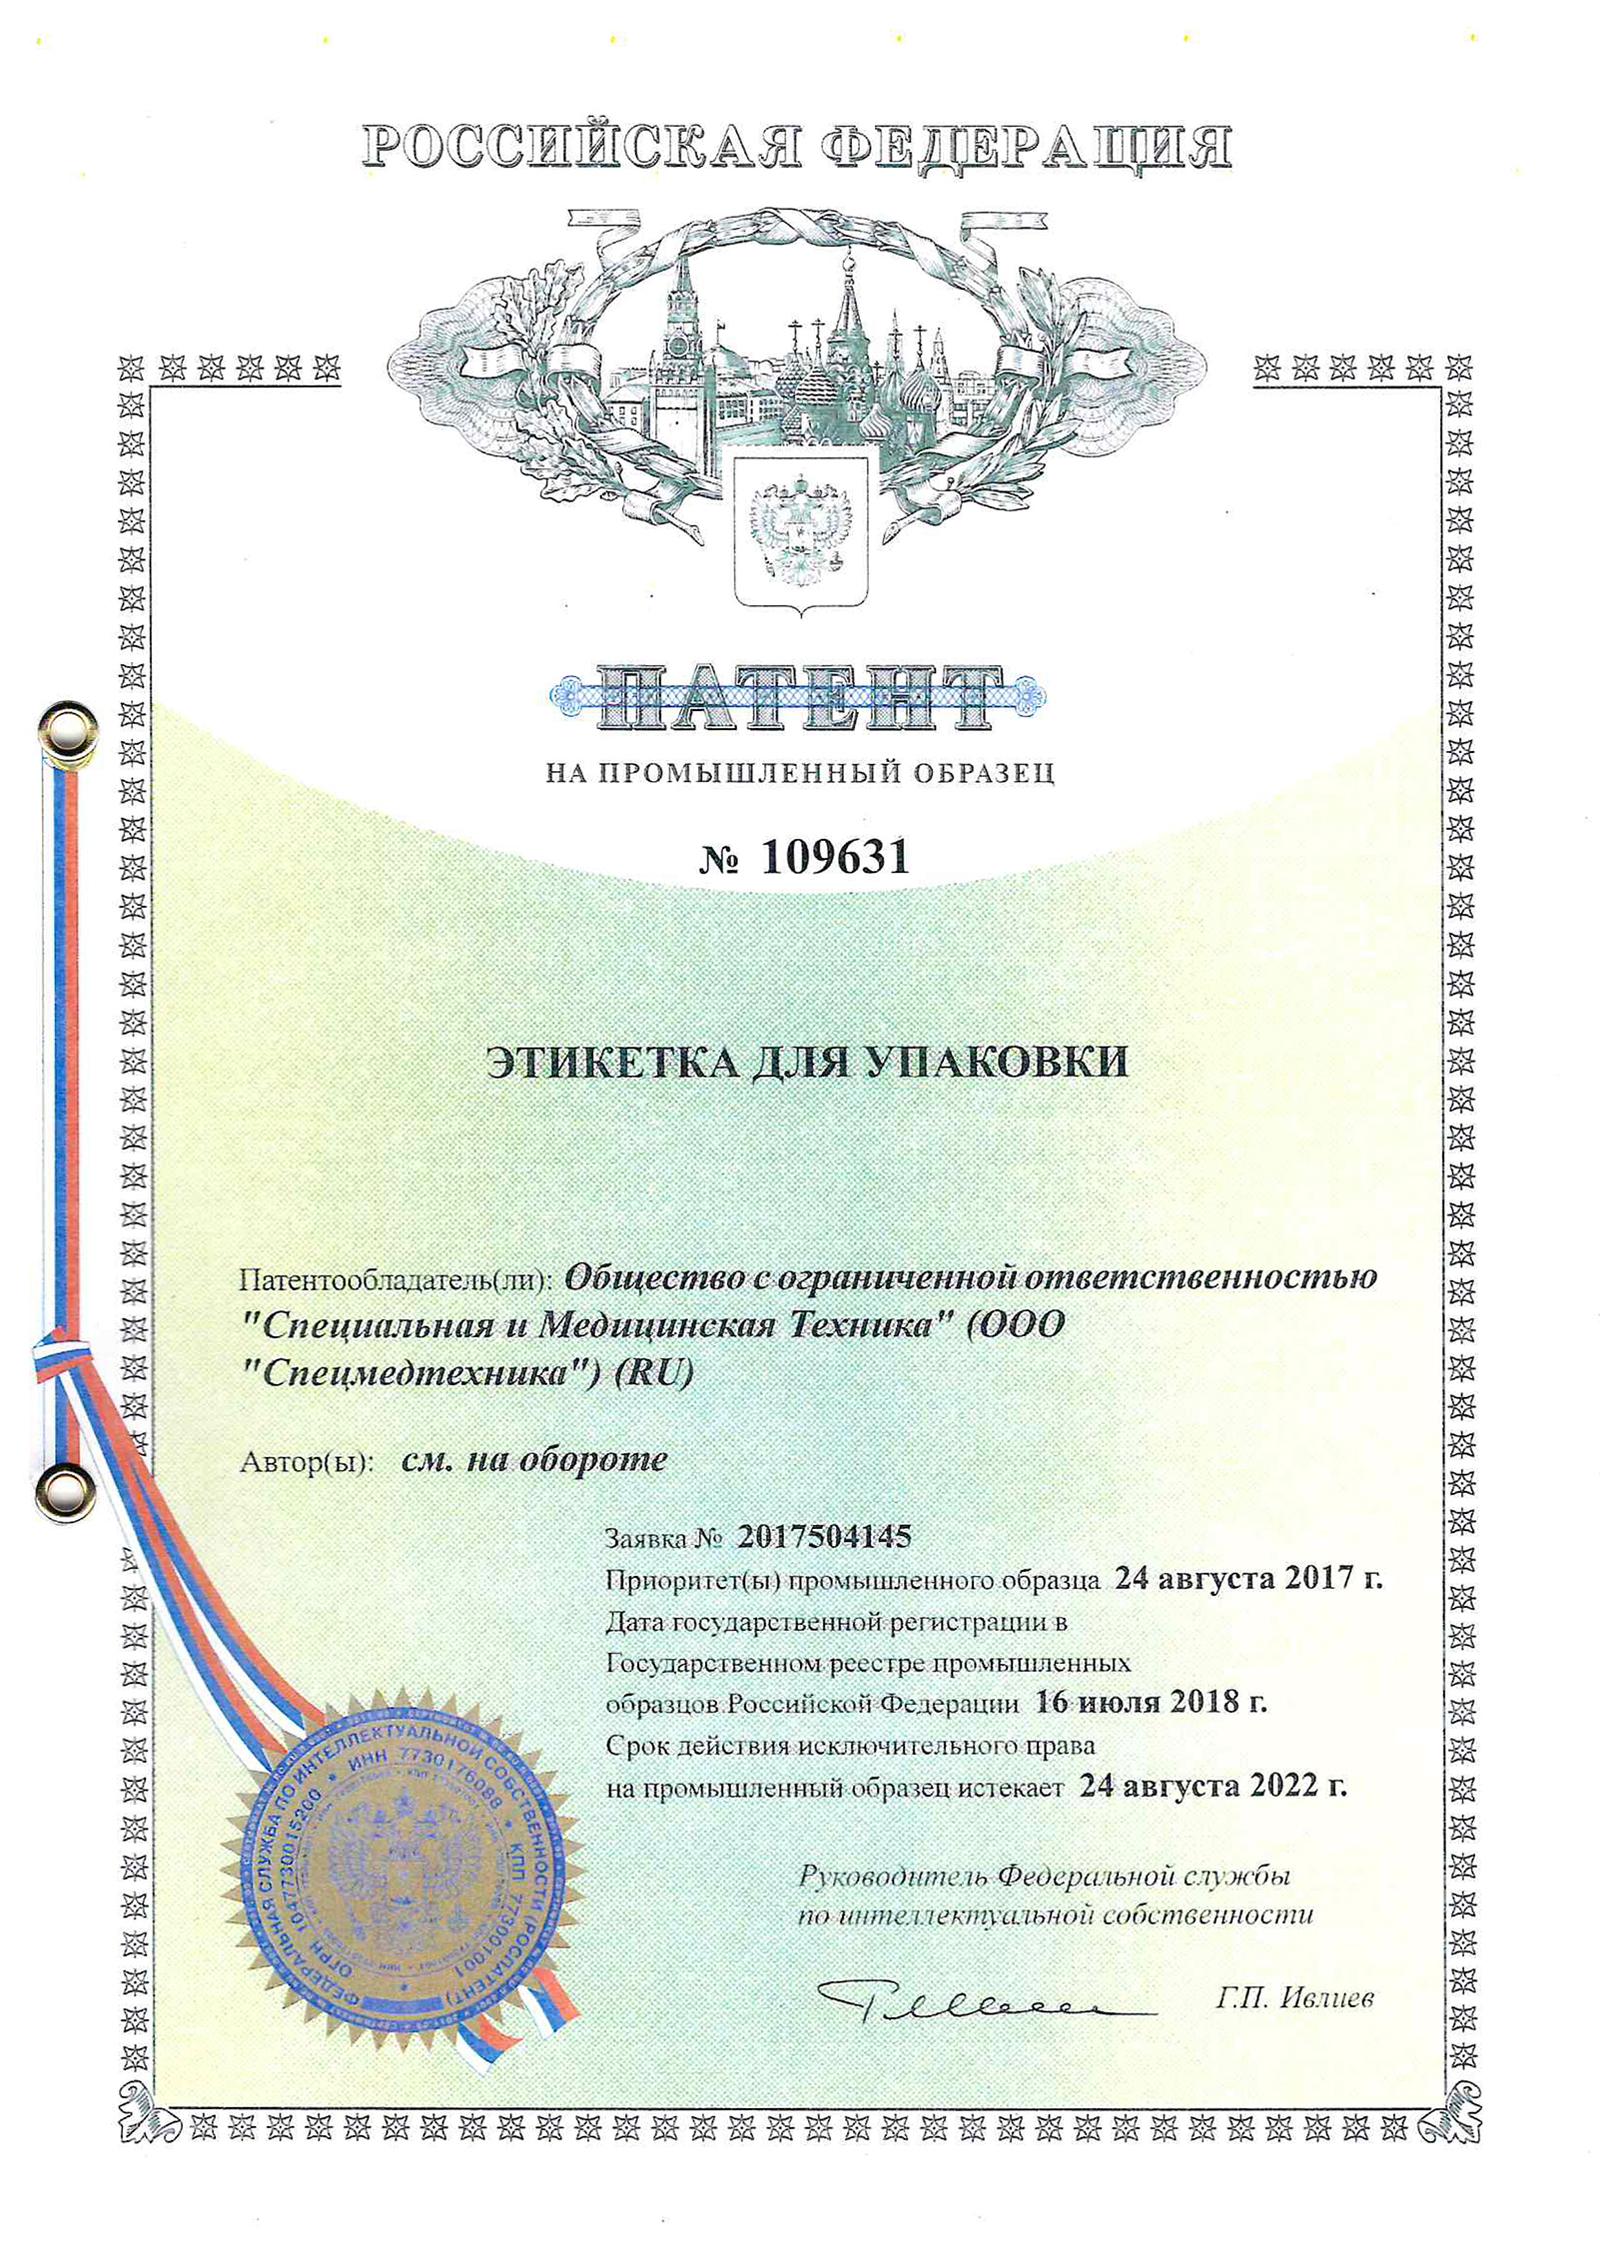 Патент на промышленный образец 109631 Этикетка для упаковки